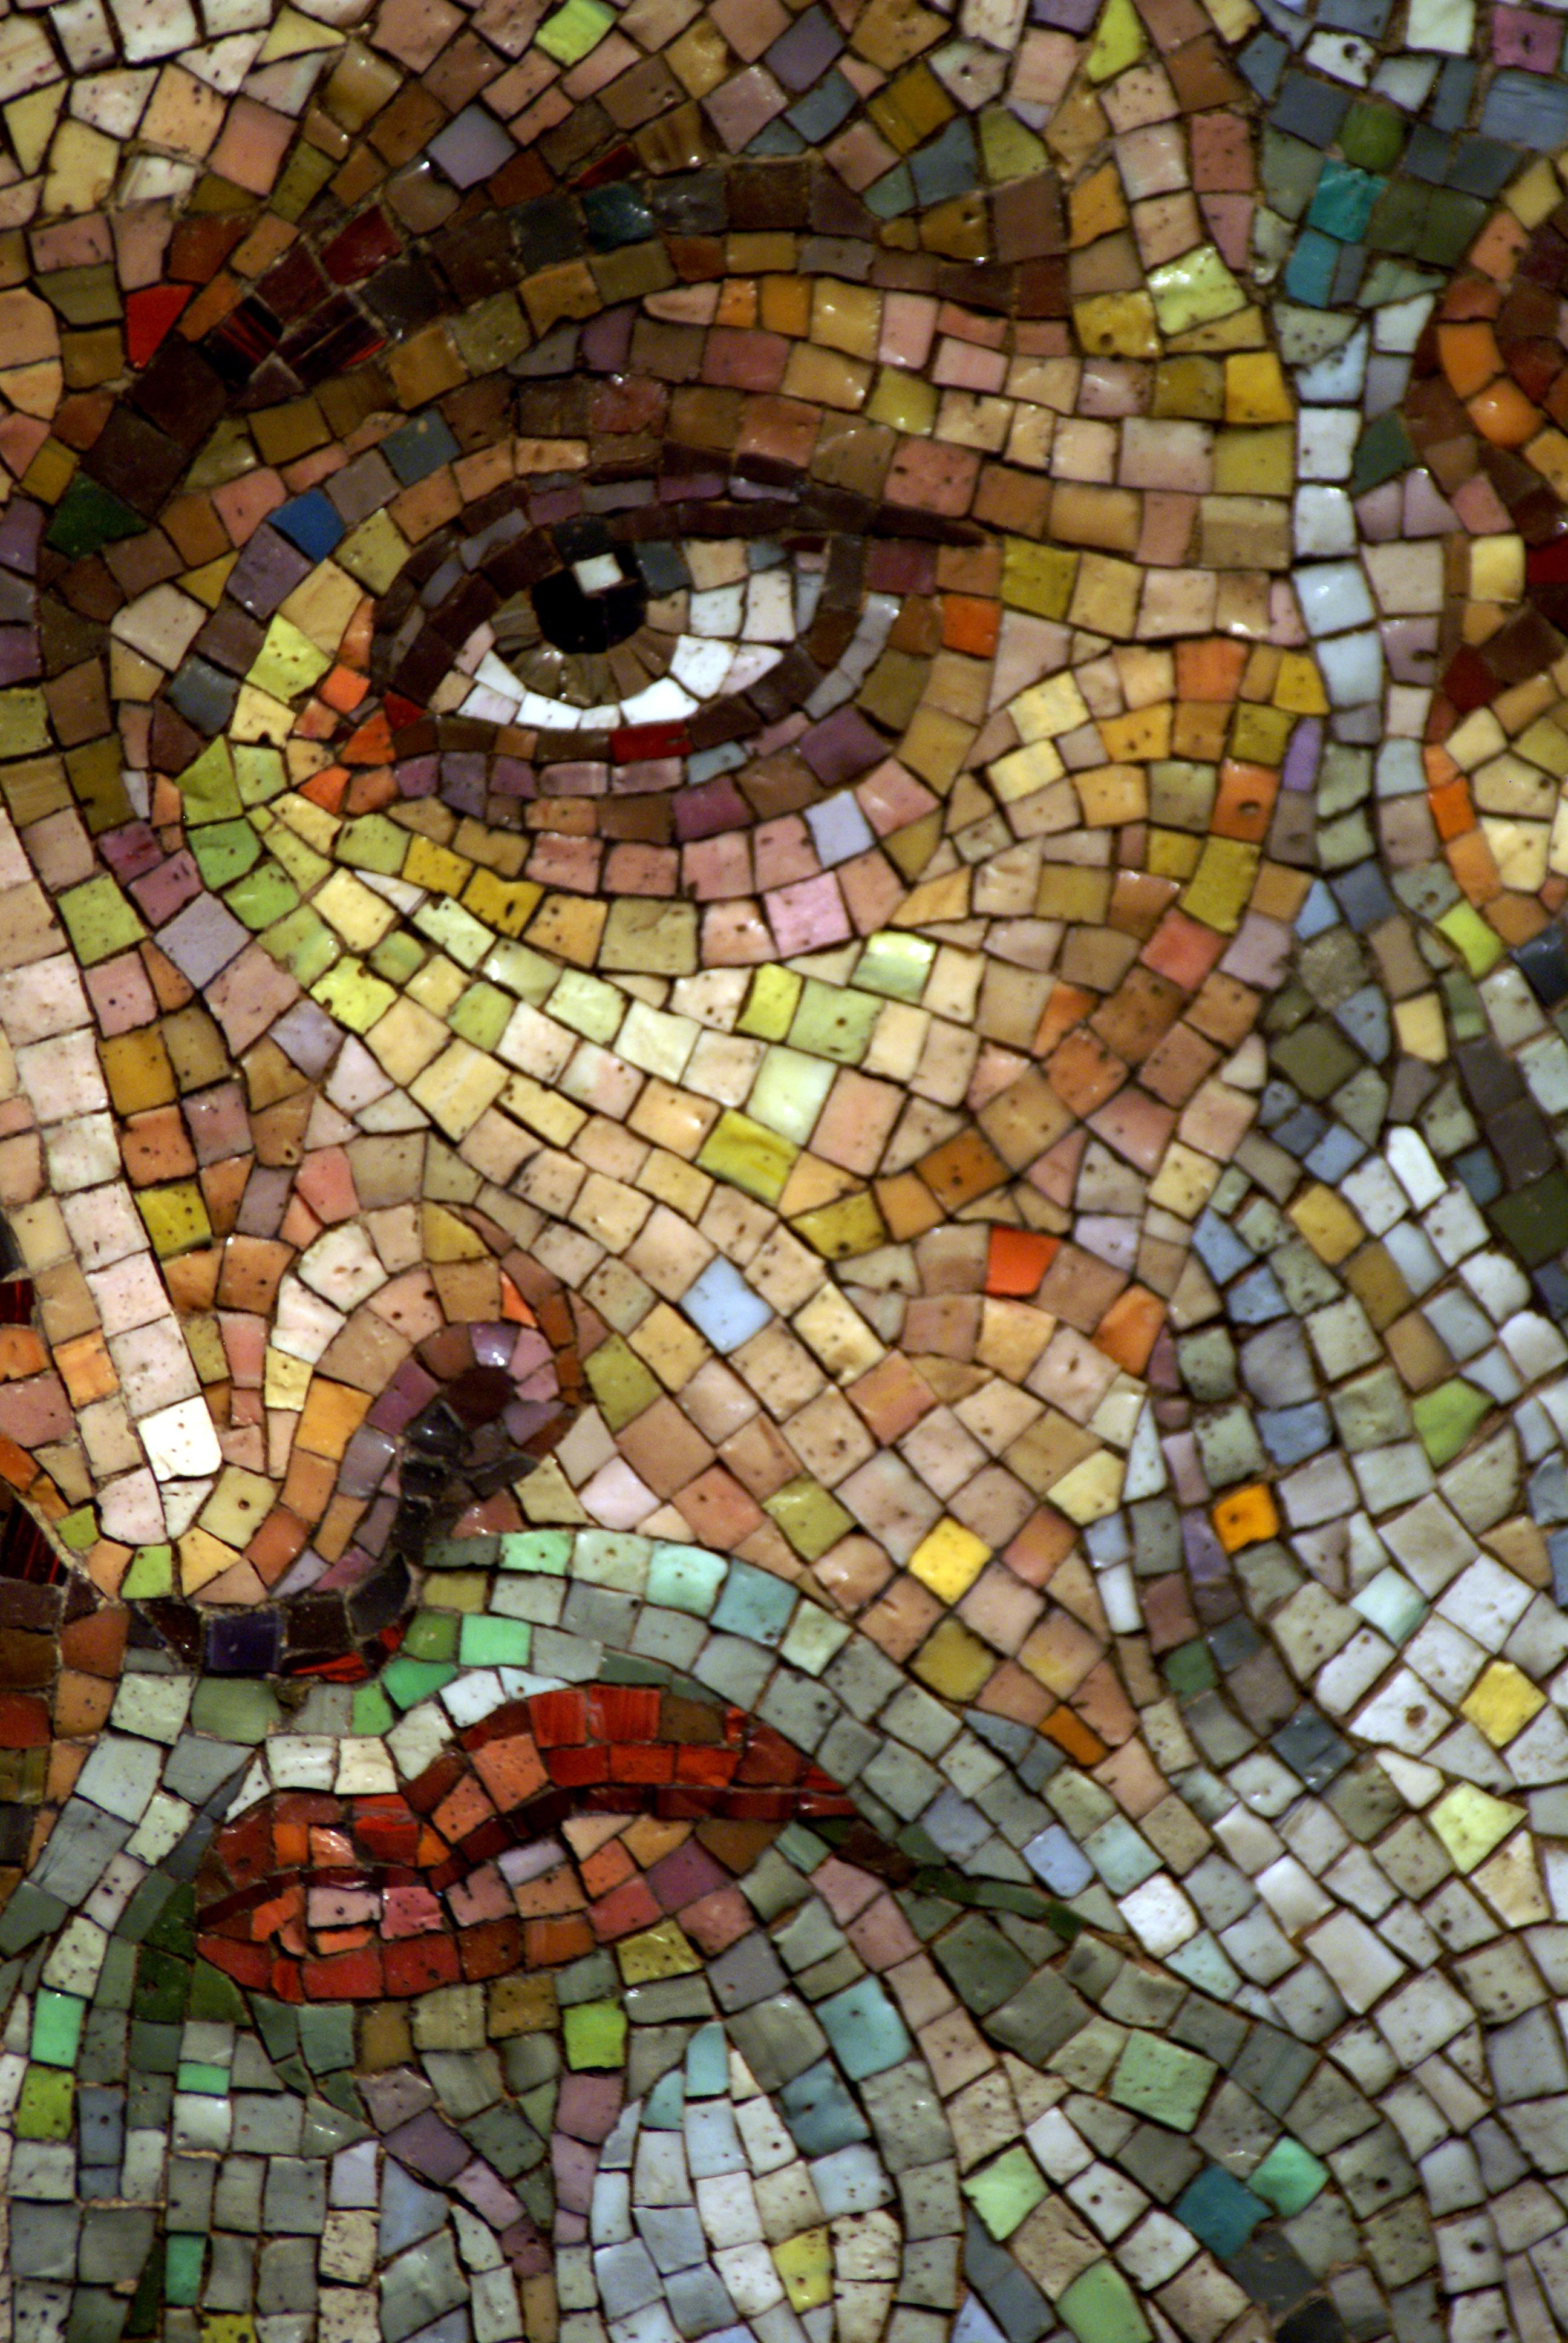 Moses Flickr Photo Sharing